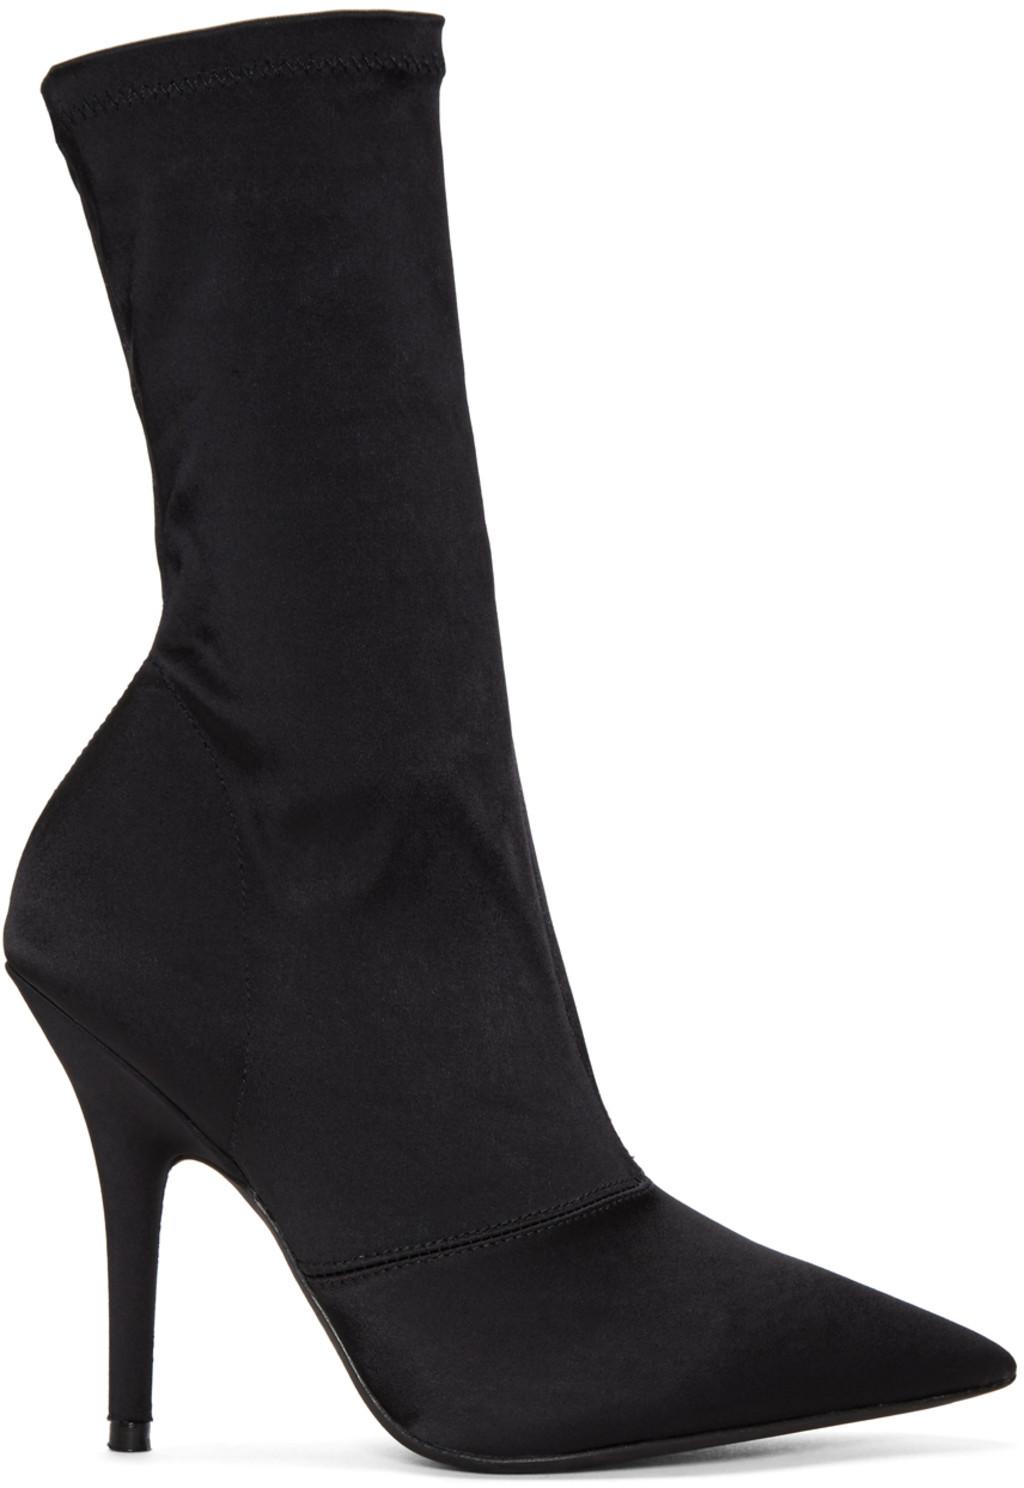 Off-White Black Broken Heel Boots